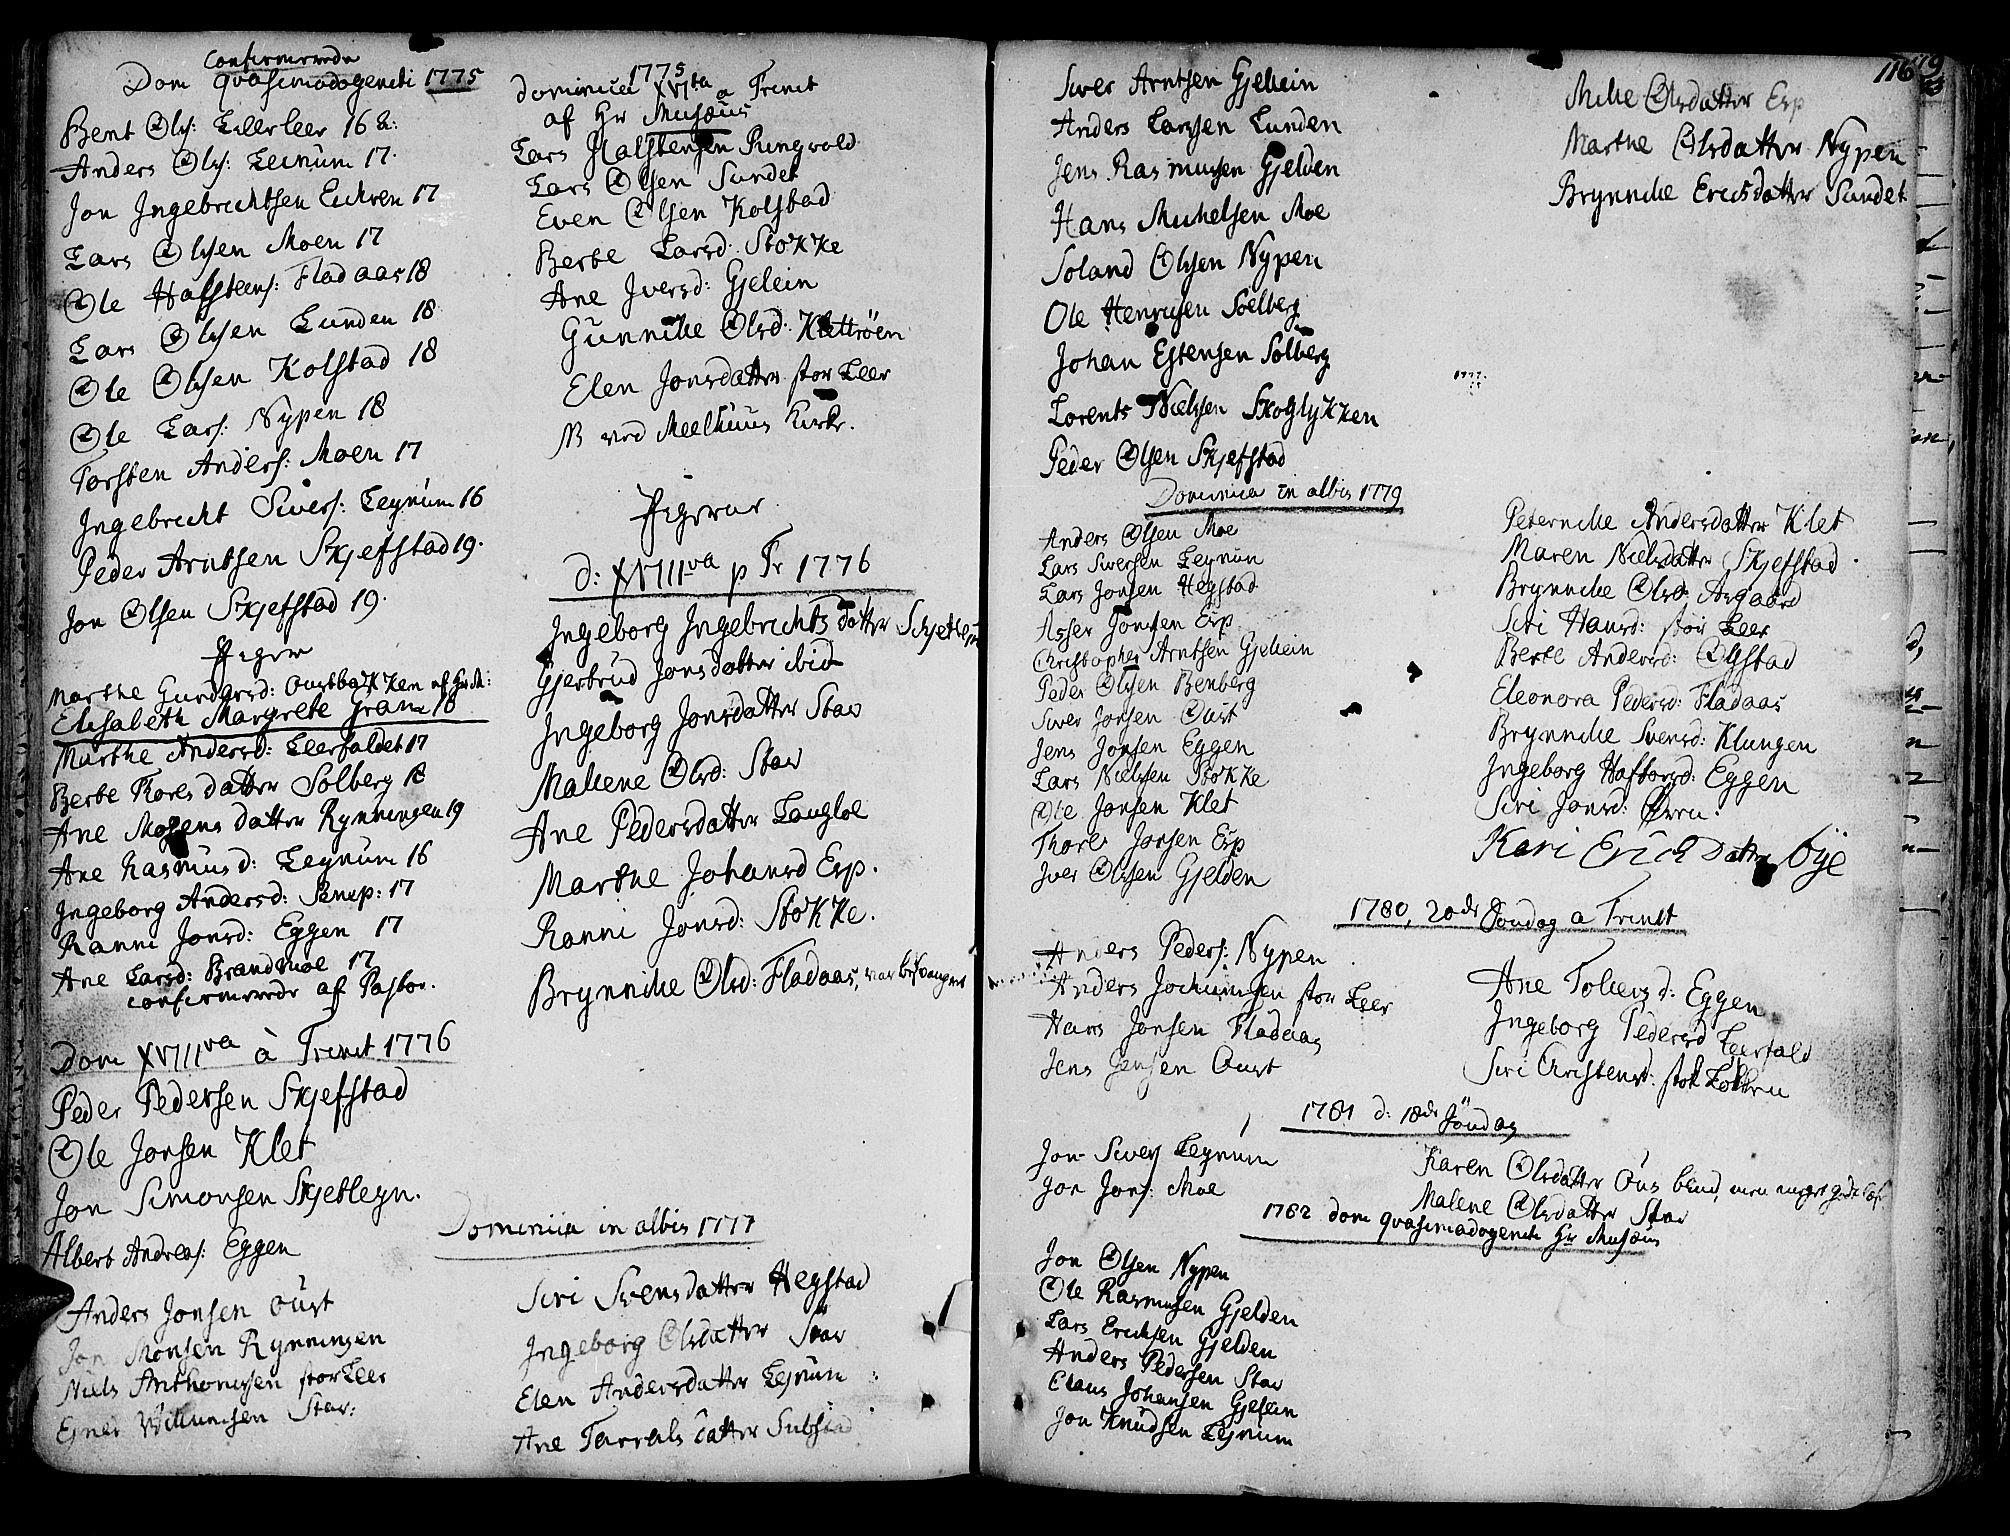 SAT, Ministerialprotokoller, klokkerbøker og fødselsregistre - Sør-Trøndelag, 691/L1063: Ministerialbok nr. 691A02 /3, 1768-1815, s. 116